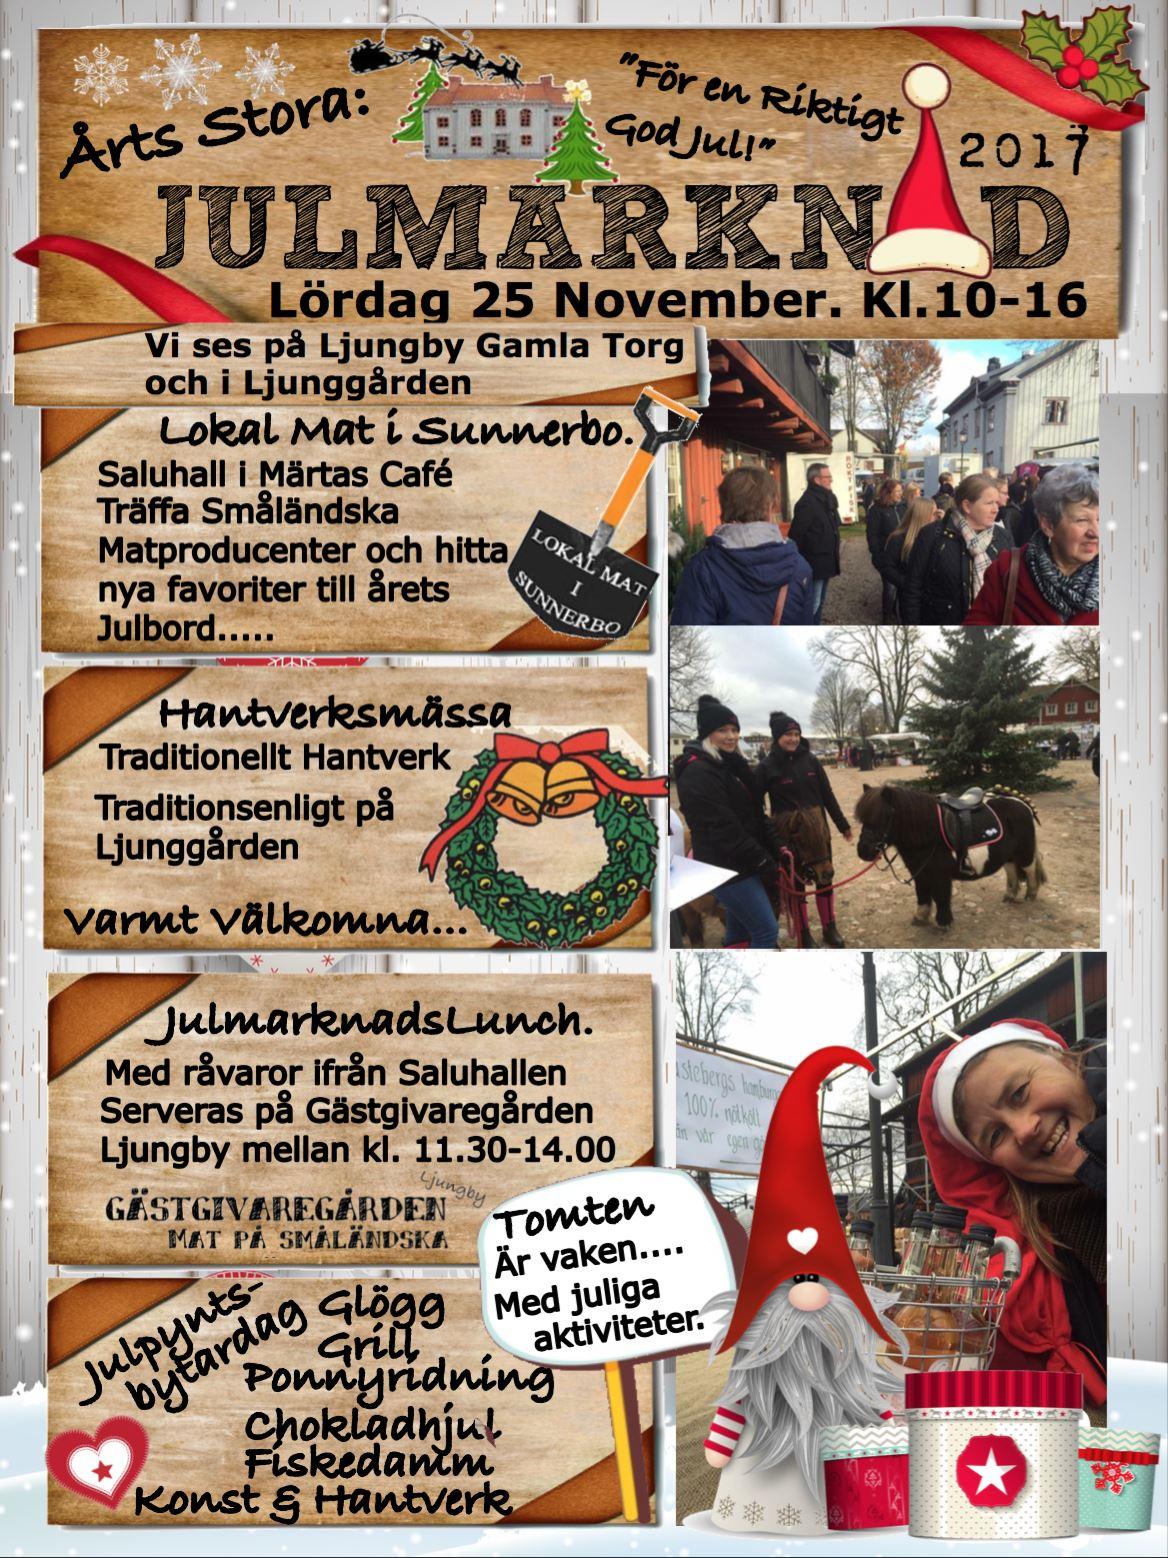 Julmarknad med Lokal Mat i Sunnerbo